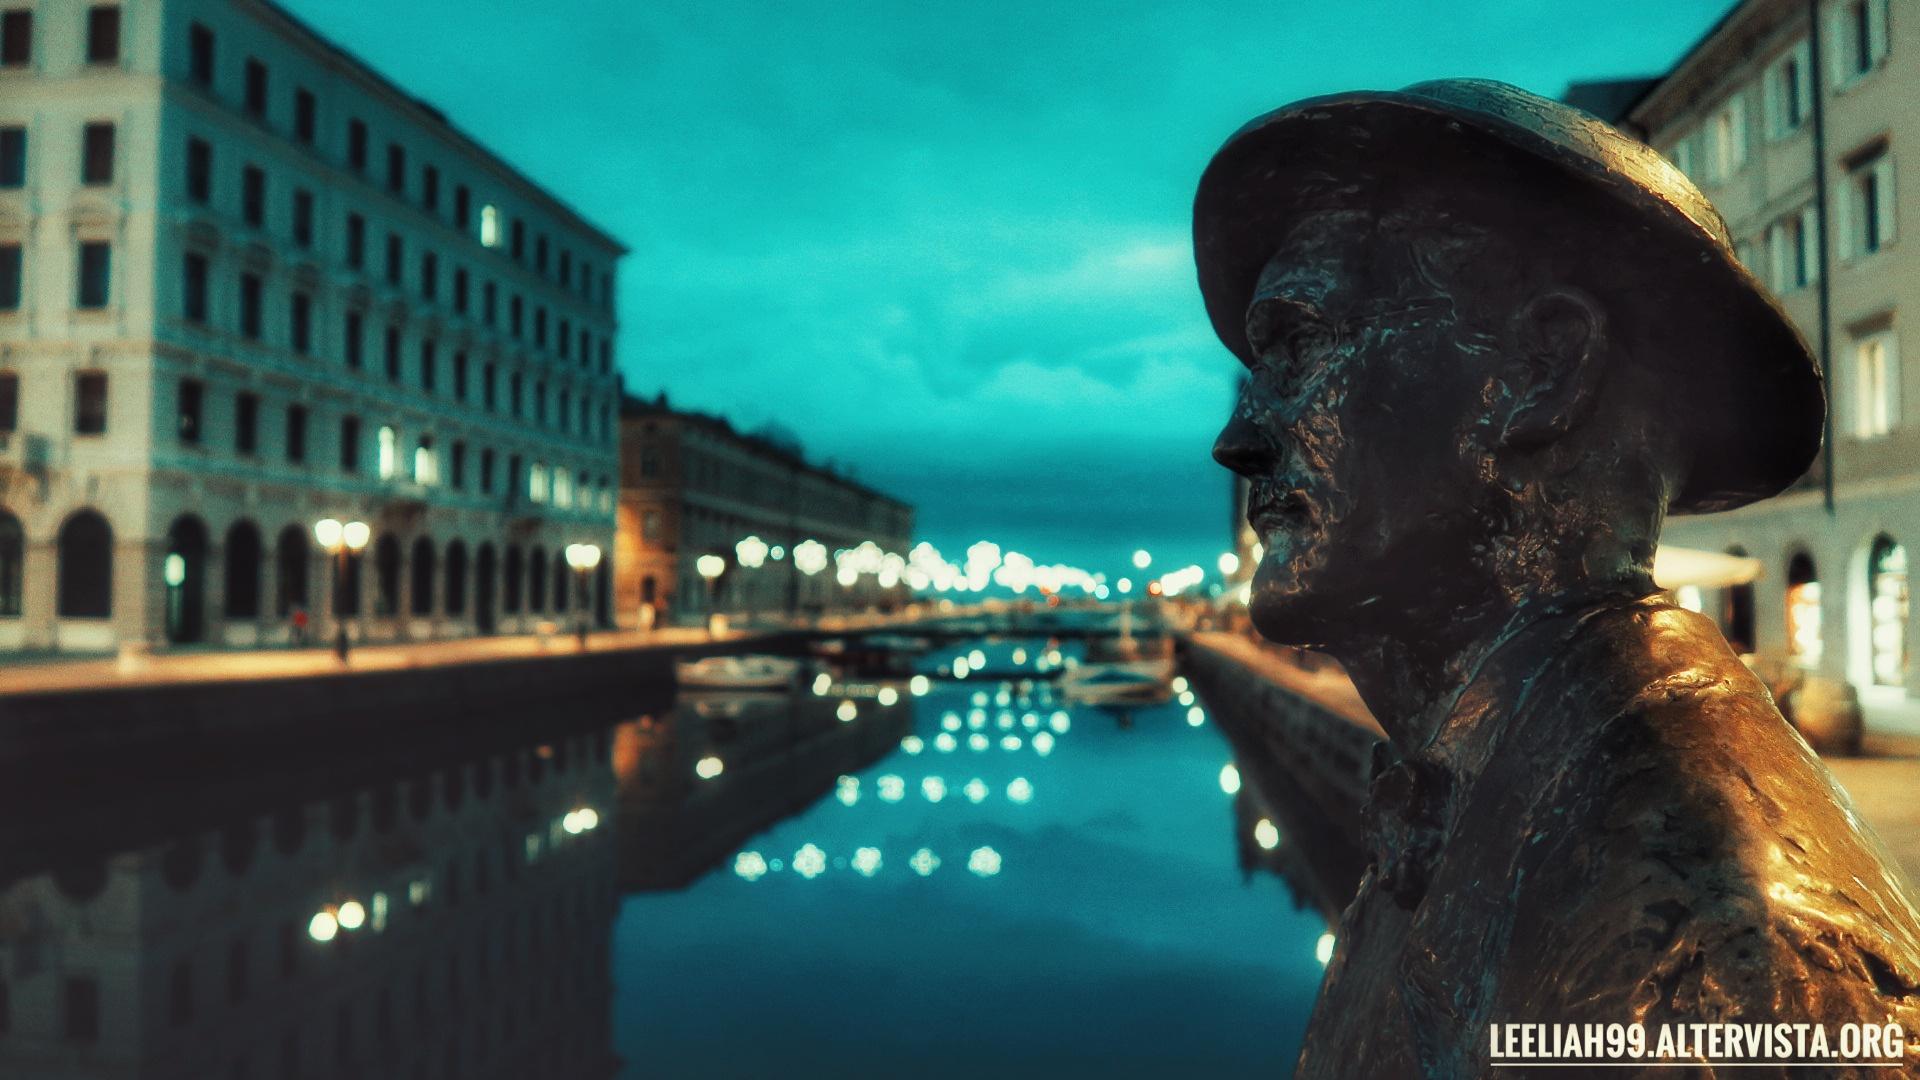 Statua di James Joyce a Ponterosso, Trieste - Natale 2019 © leeliah99.altervista.org